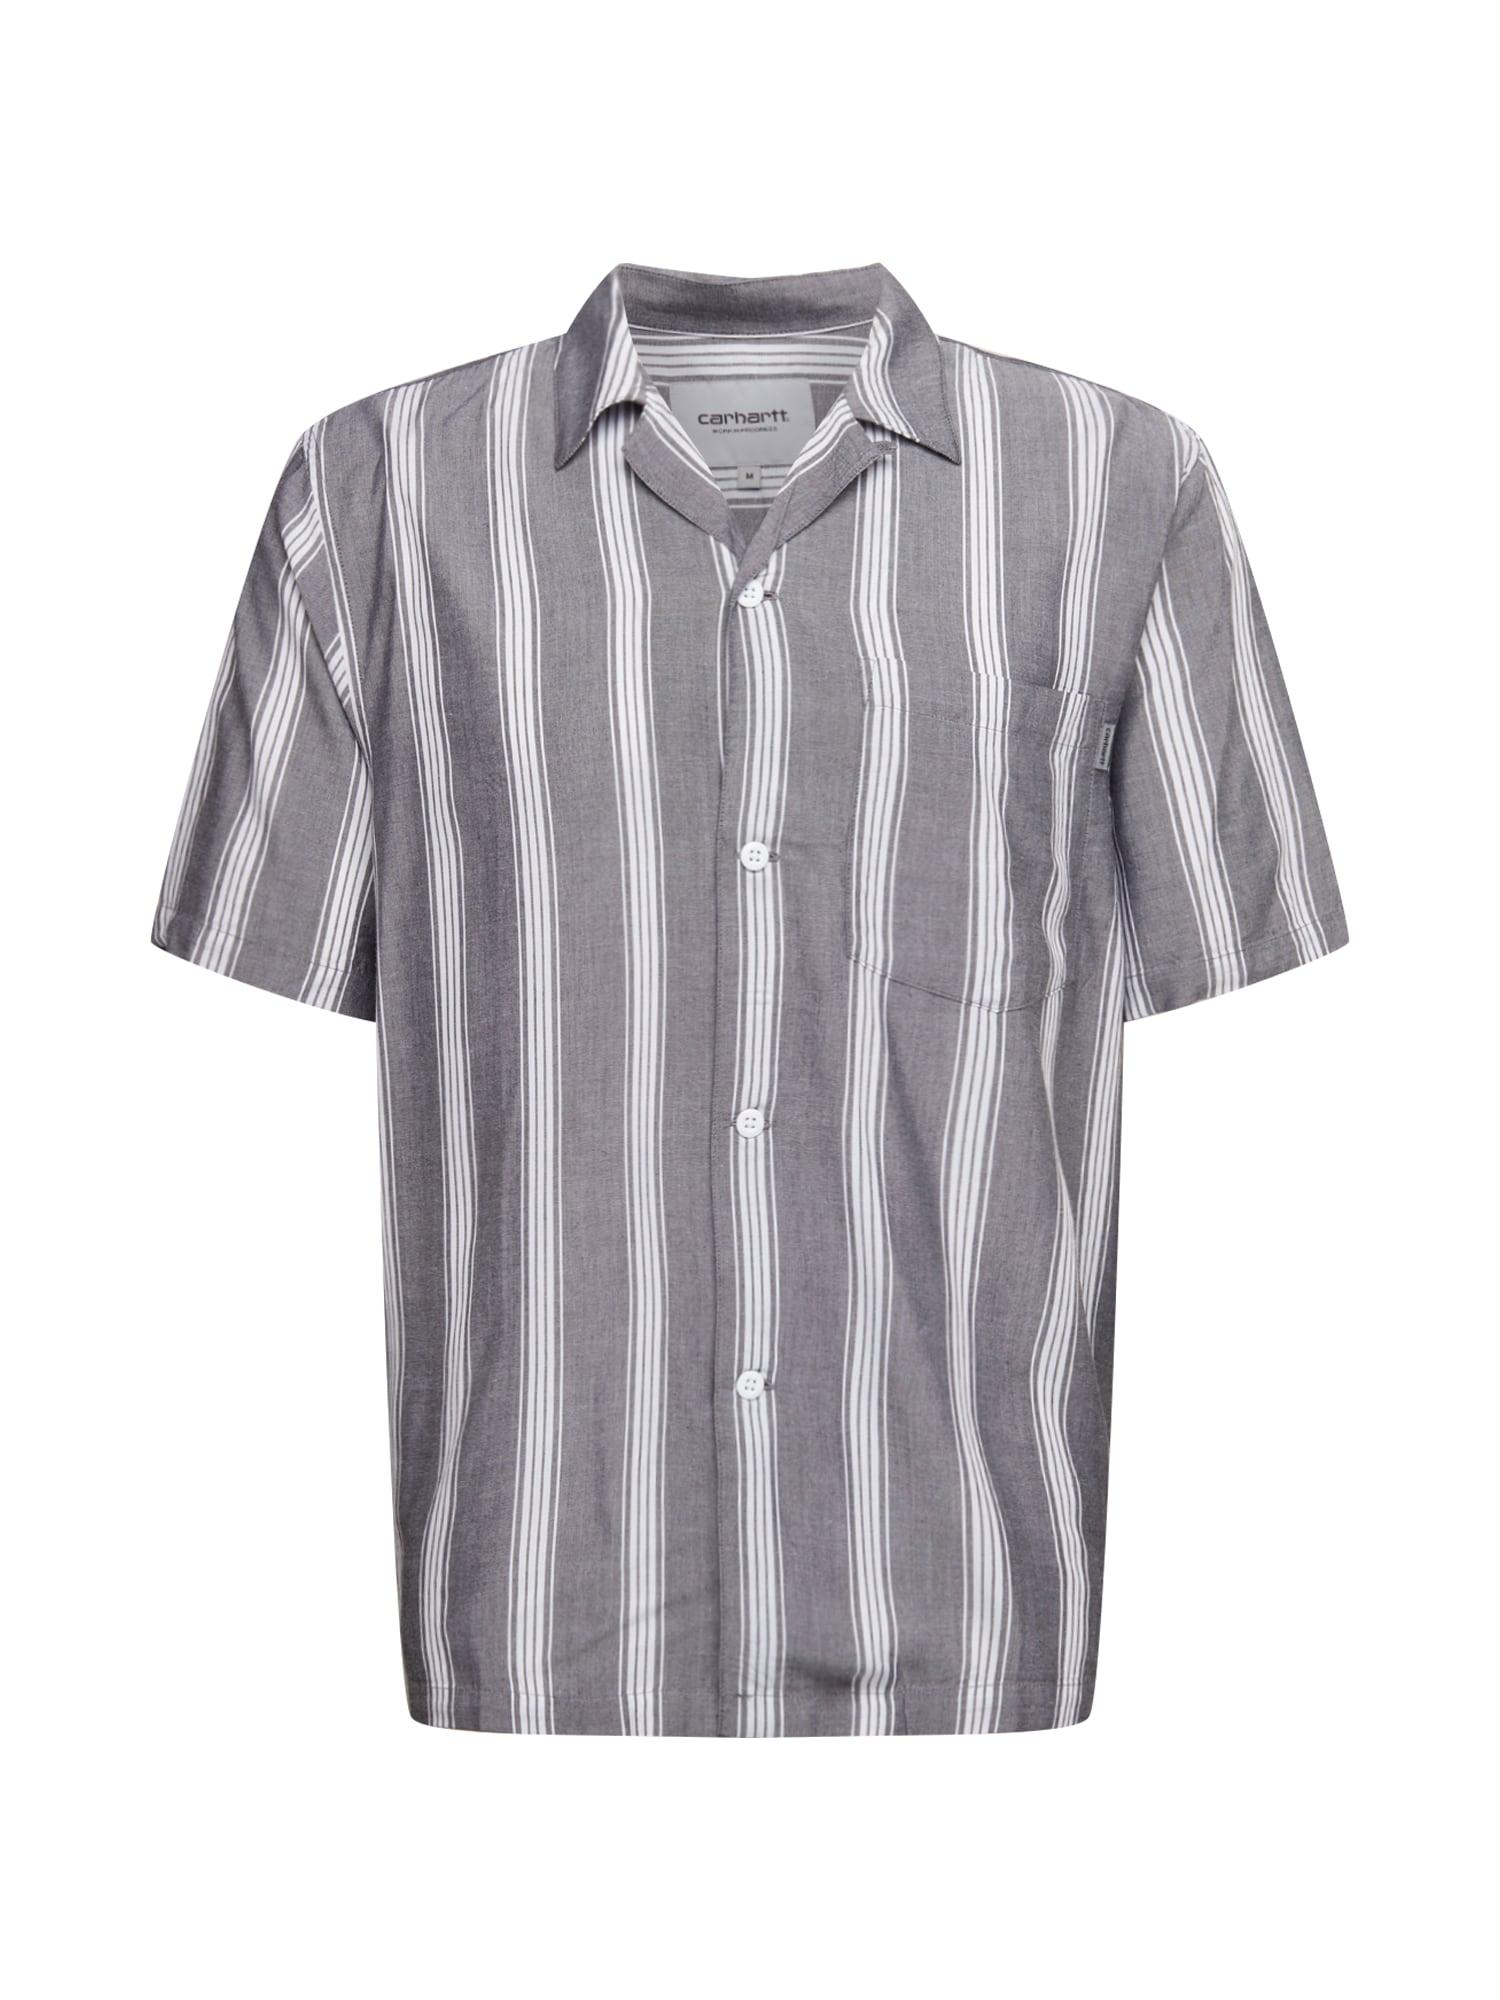 Carhartt WIP Dalykiniai marškiniai 'Chester' balta / tamsiai pilka